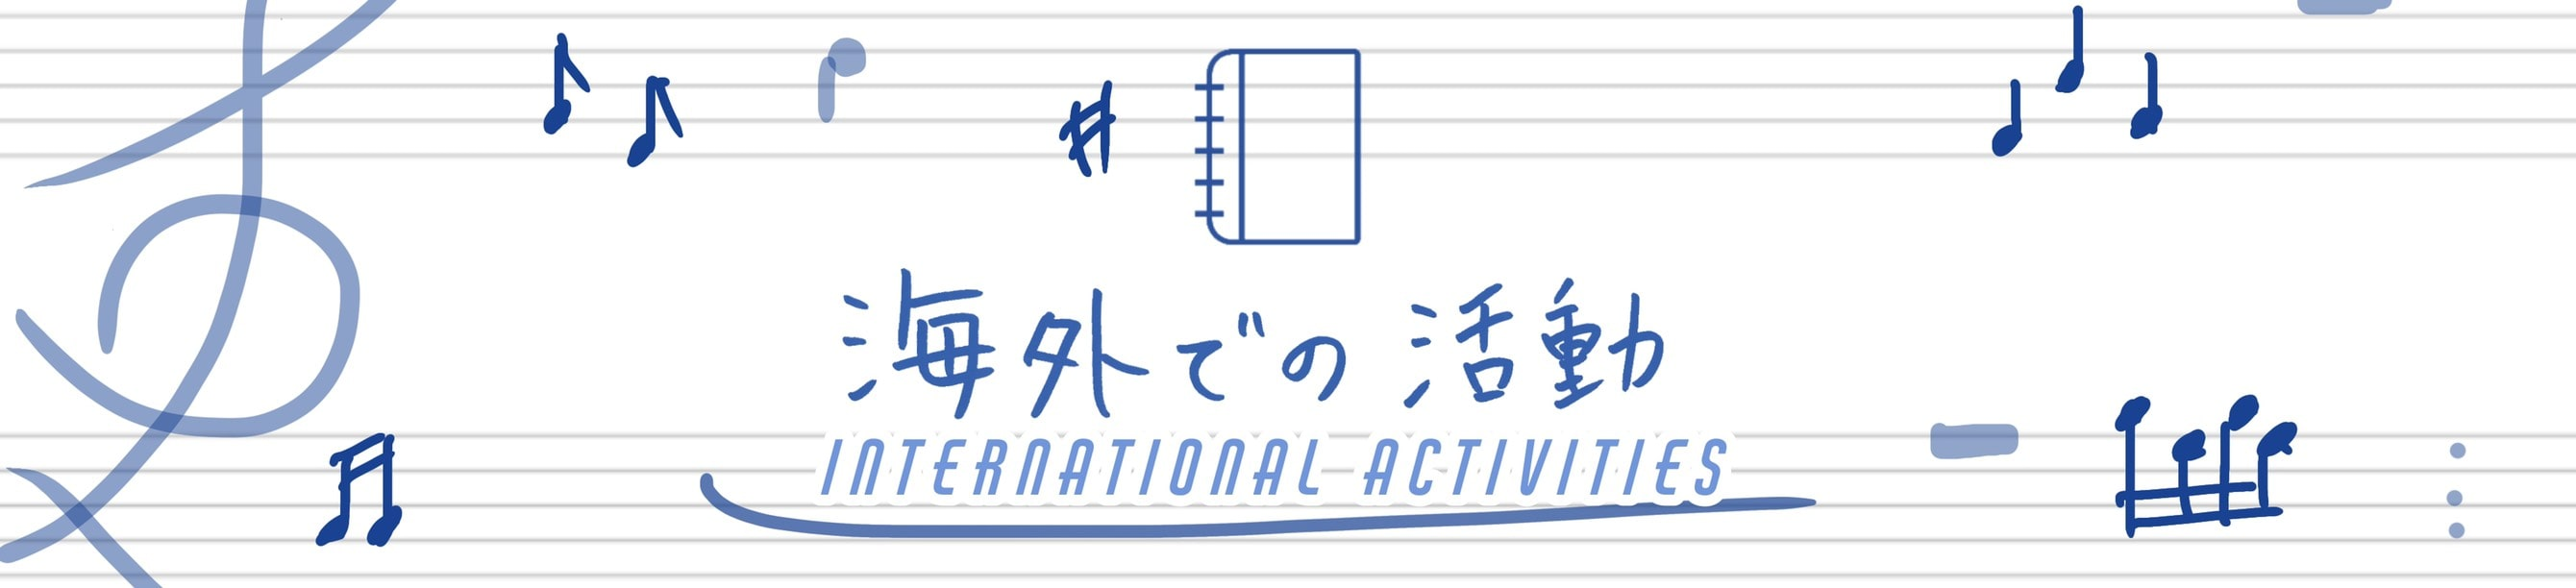 海外での活動